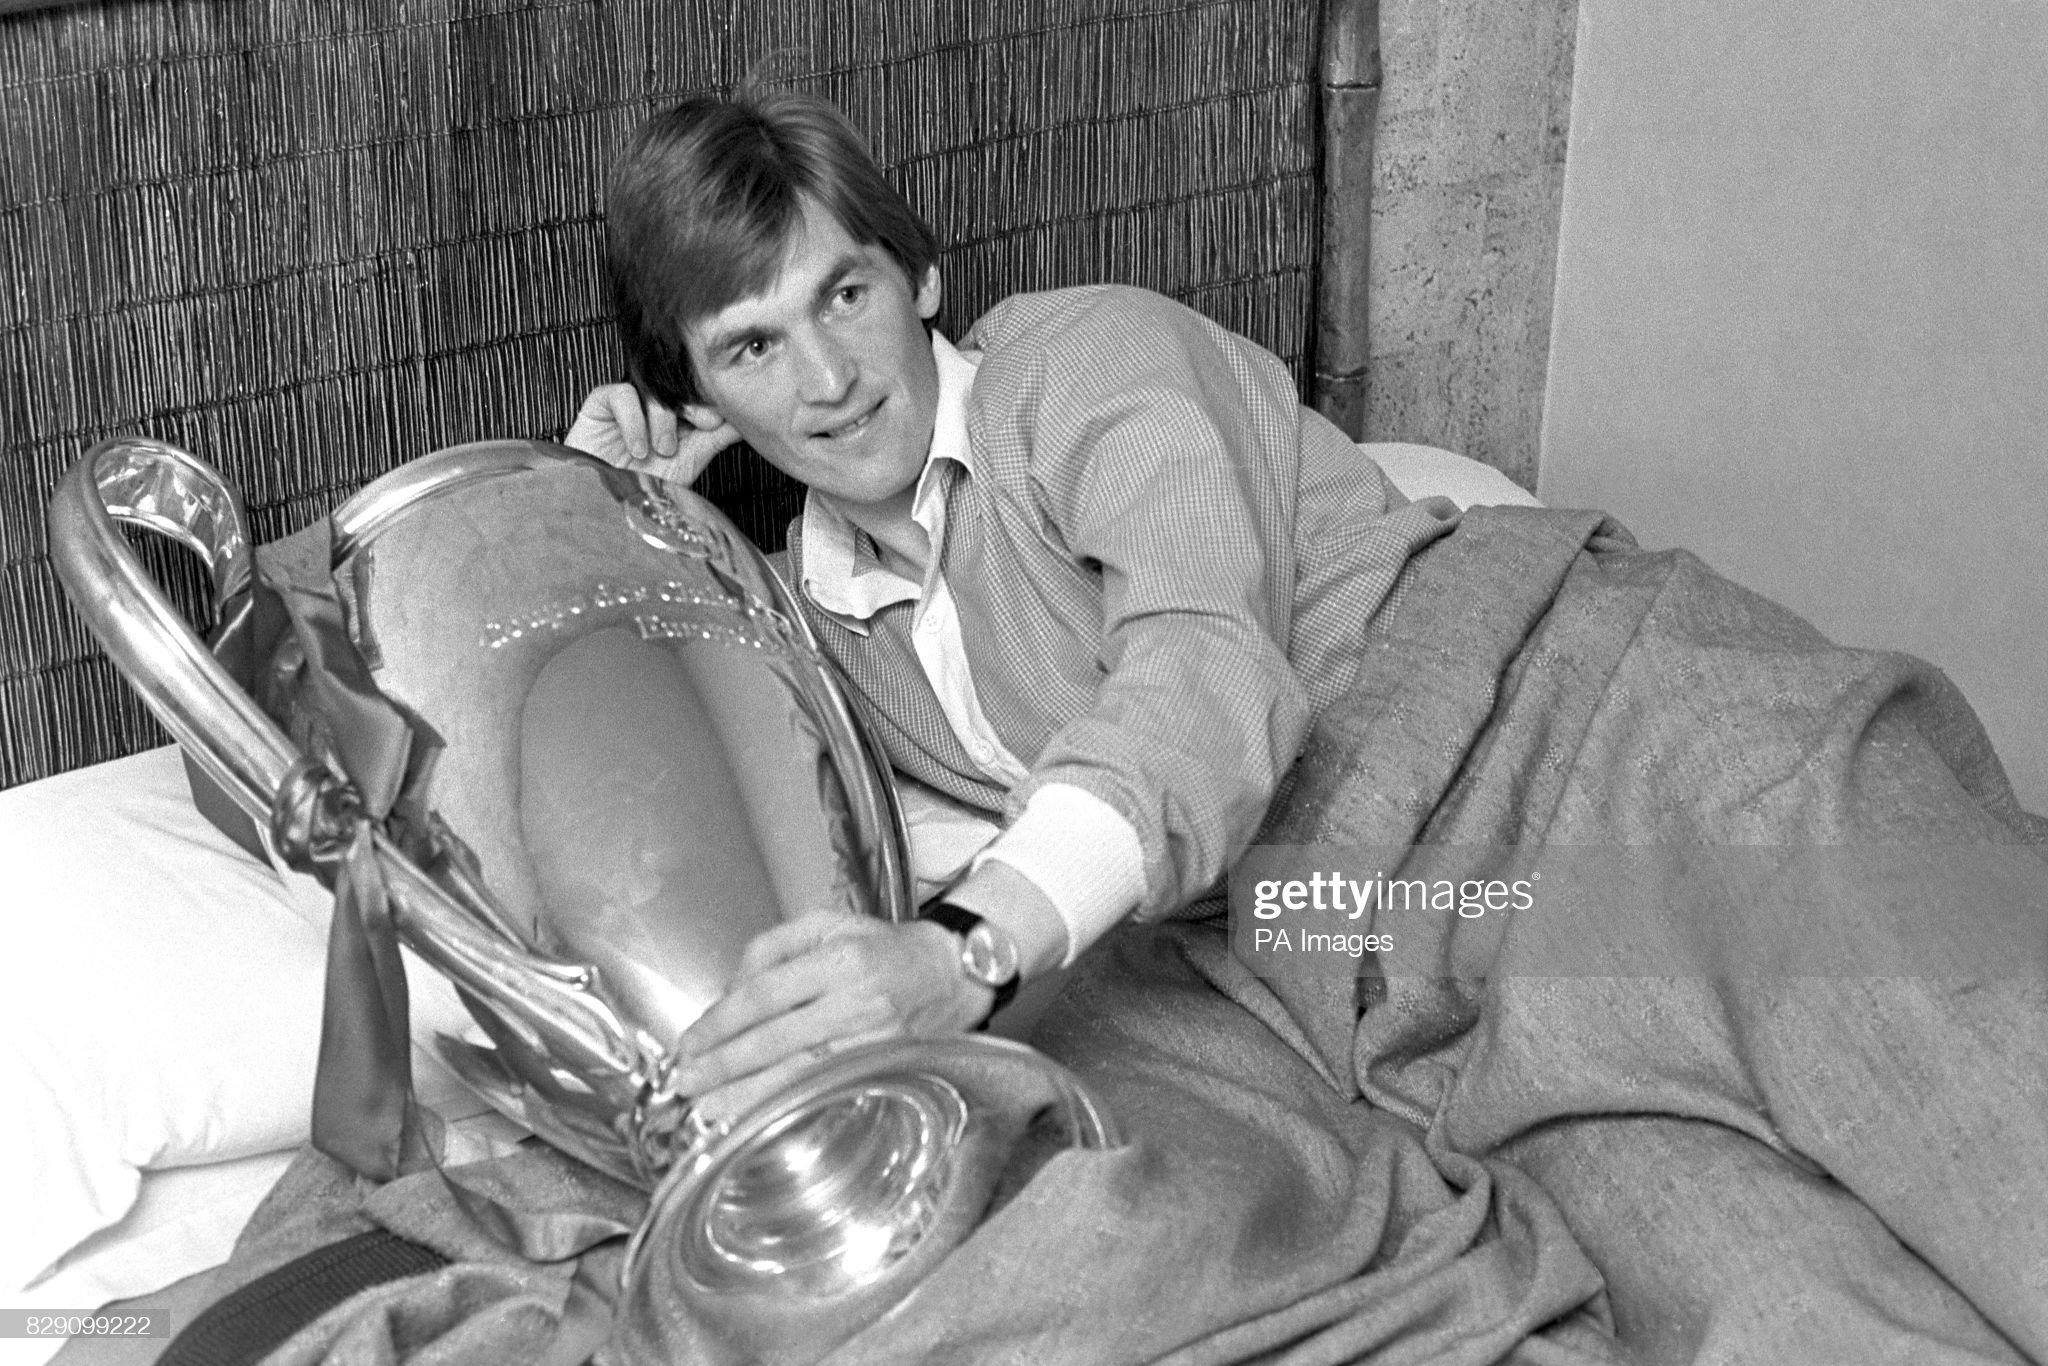 Soccer - European Cup Final 1978 - Liverpool v FC Bruges : News Photo